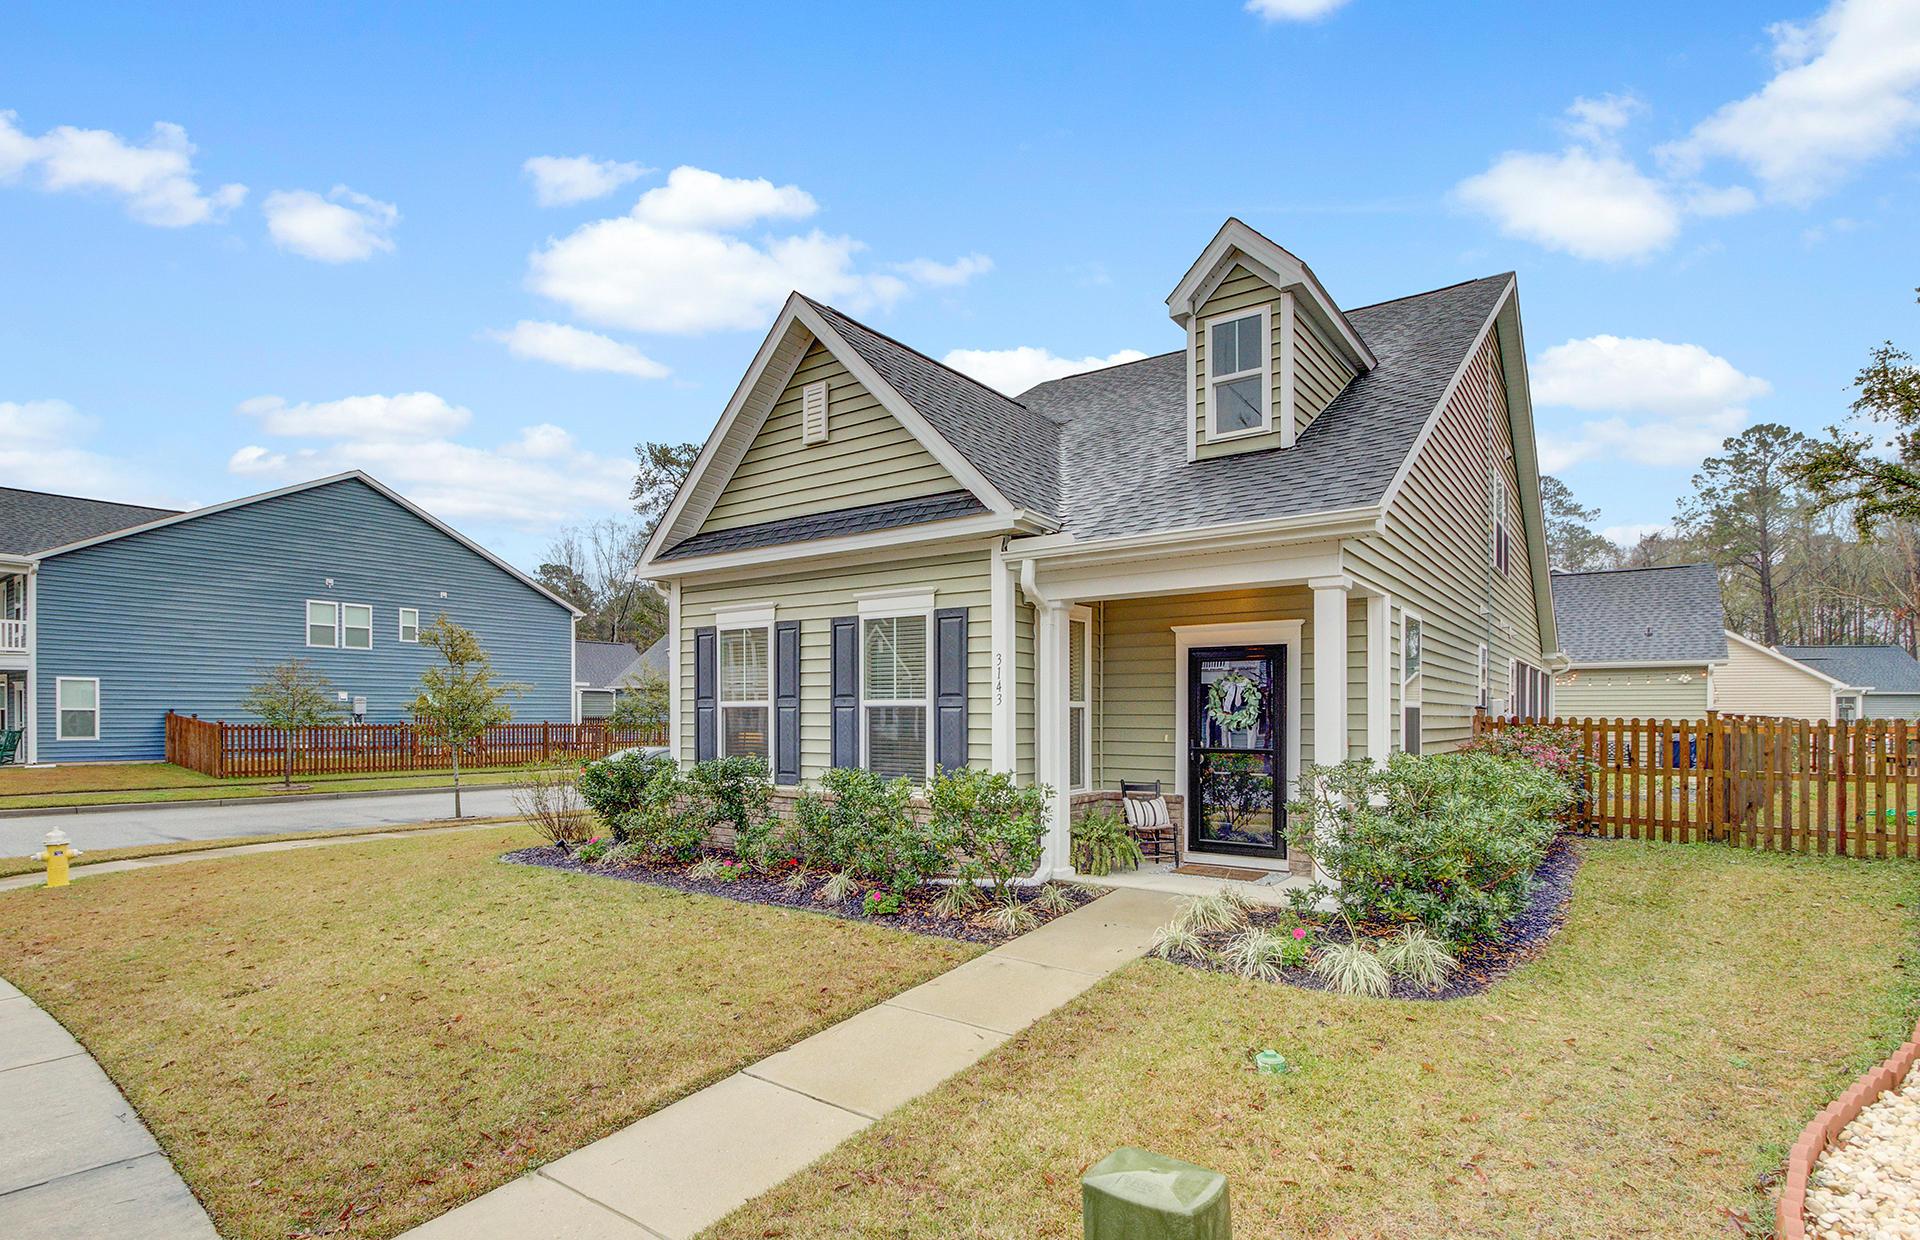 Boltons Landing Homes For Sale - 3143 Moonlight, Charleston, SC - 10